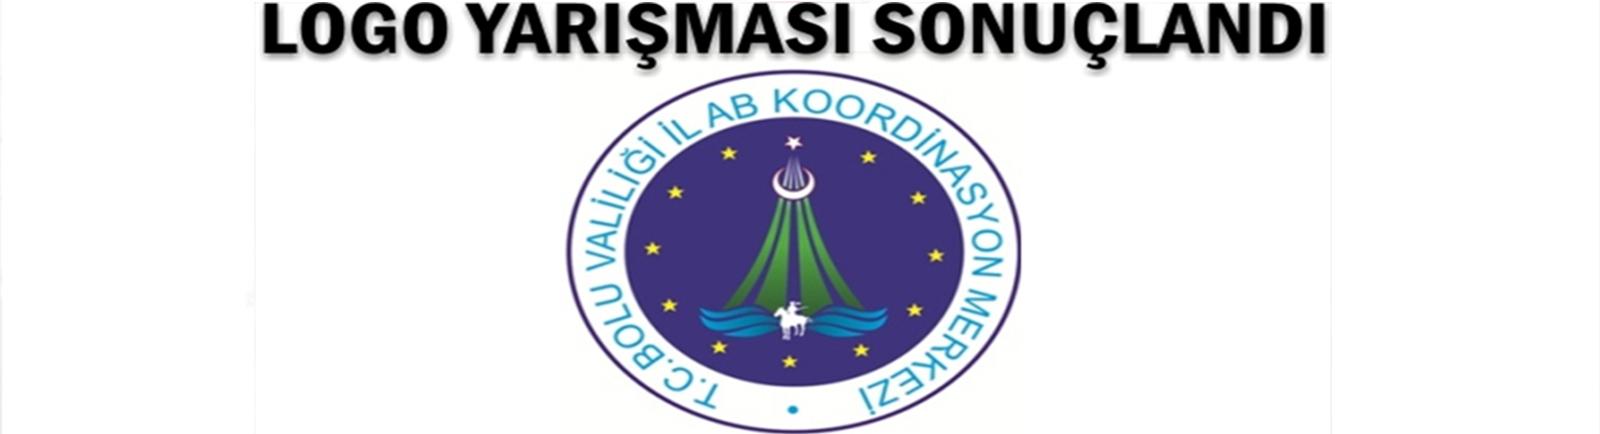 Logo Yarışması Sonuçlandı